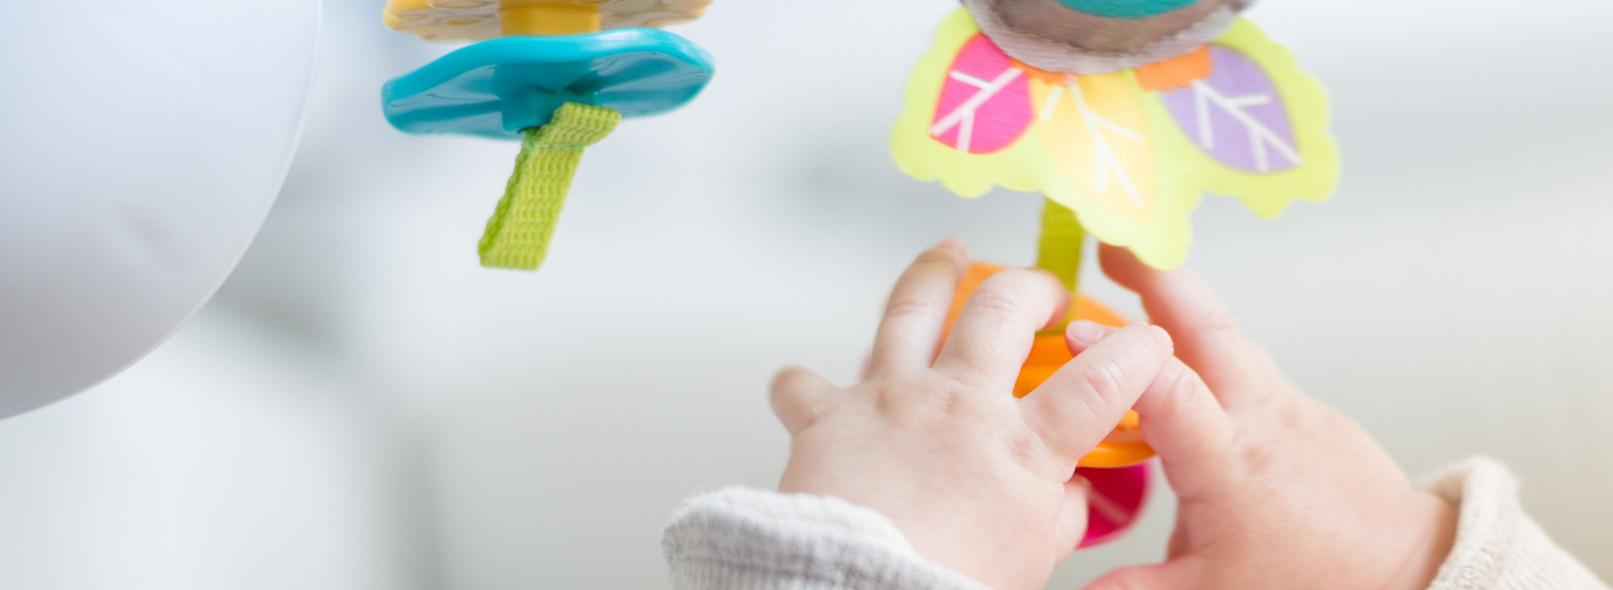 Odavad mänguasjad ja lastekaubad lastele